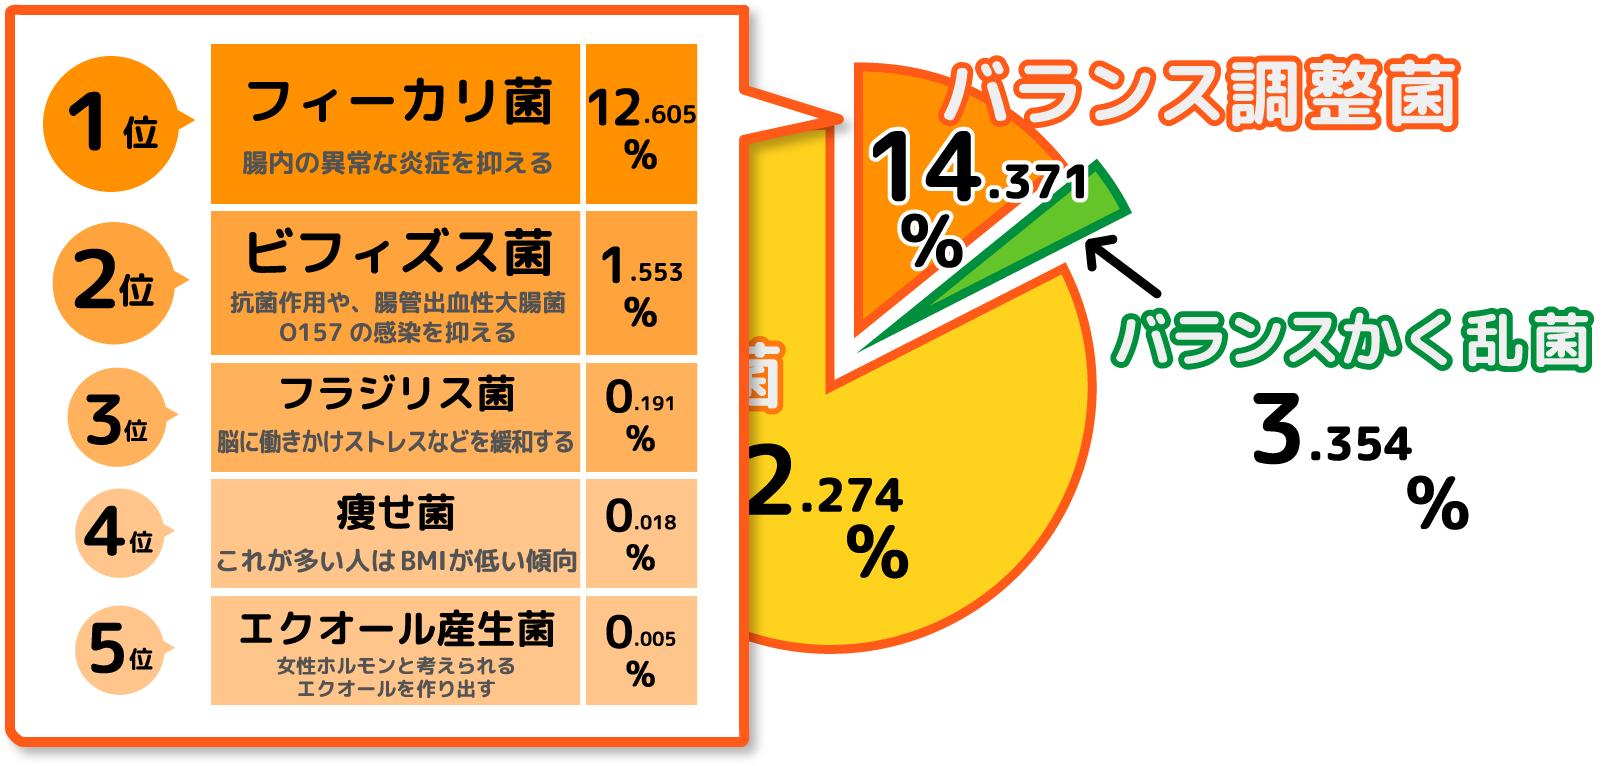 痩せ菌チェックモニター・川野浩志さん